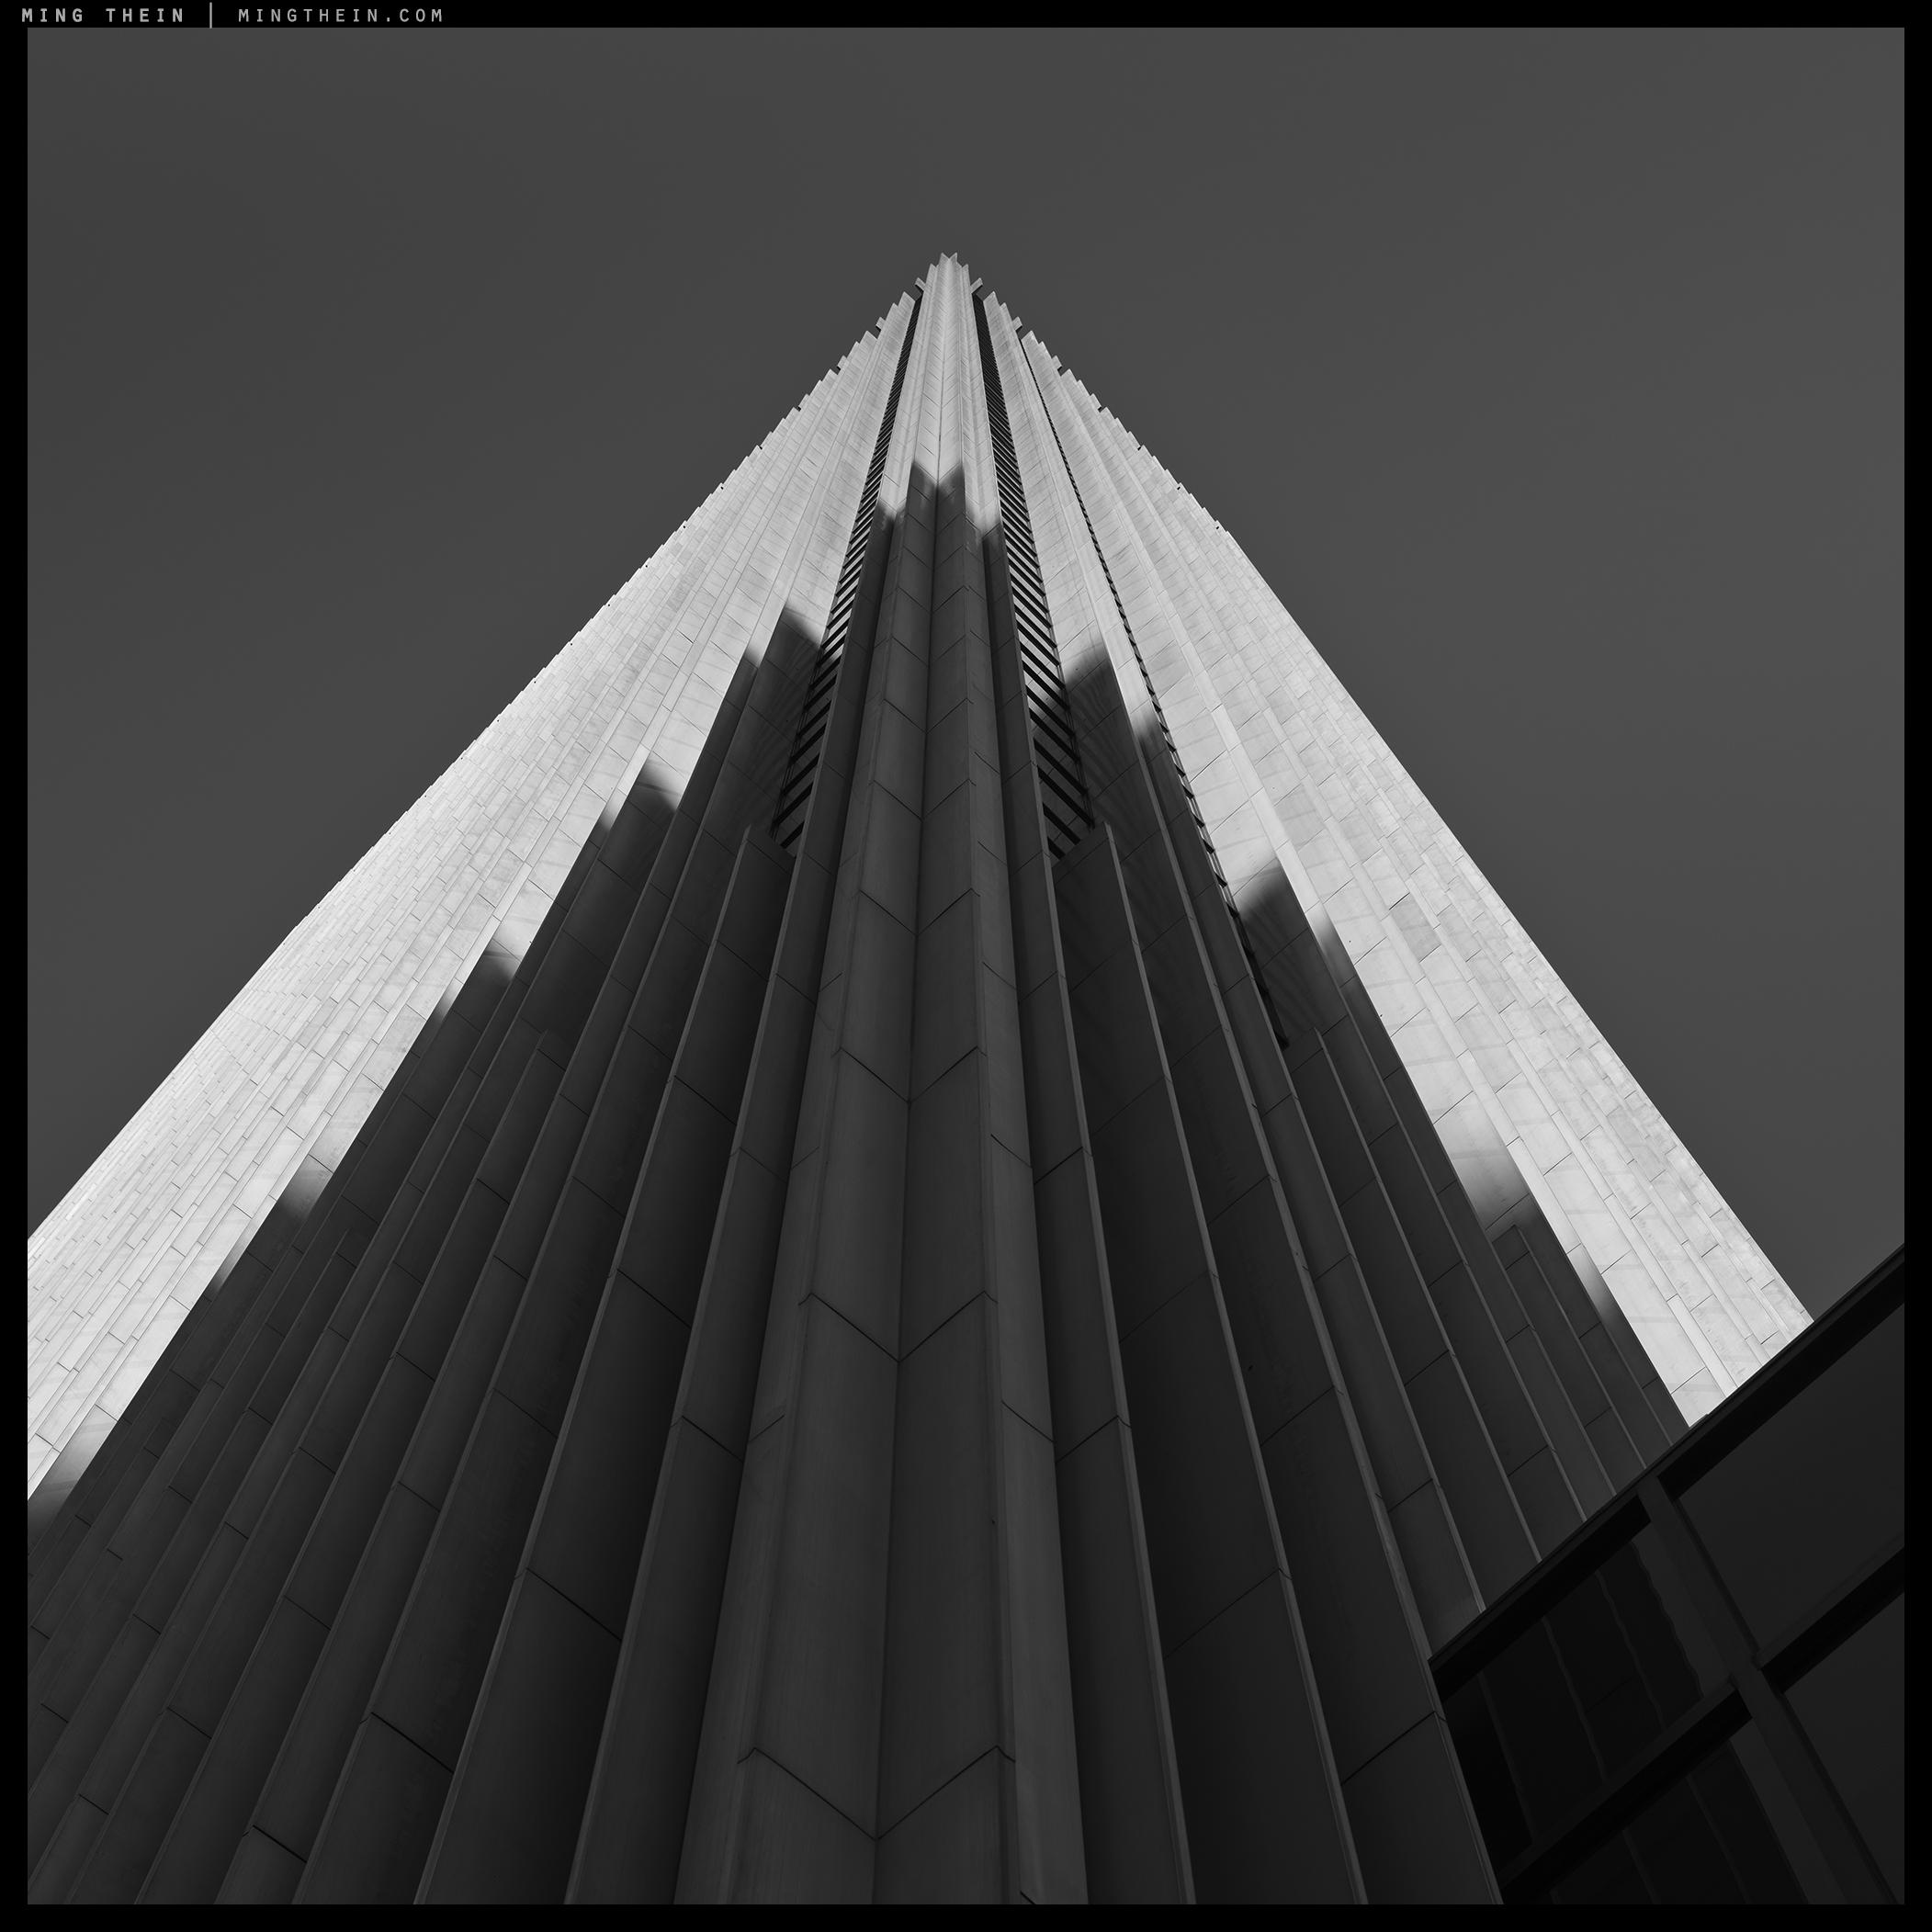 43_64Z3435 verticality XLIII copy.jpg